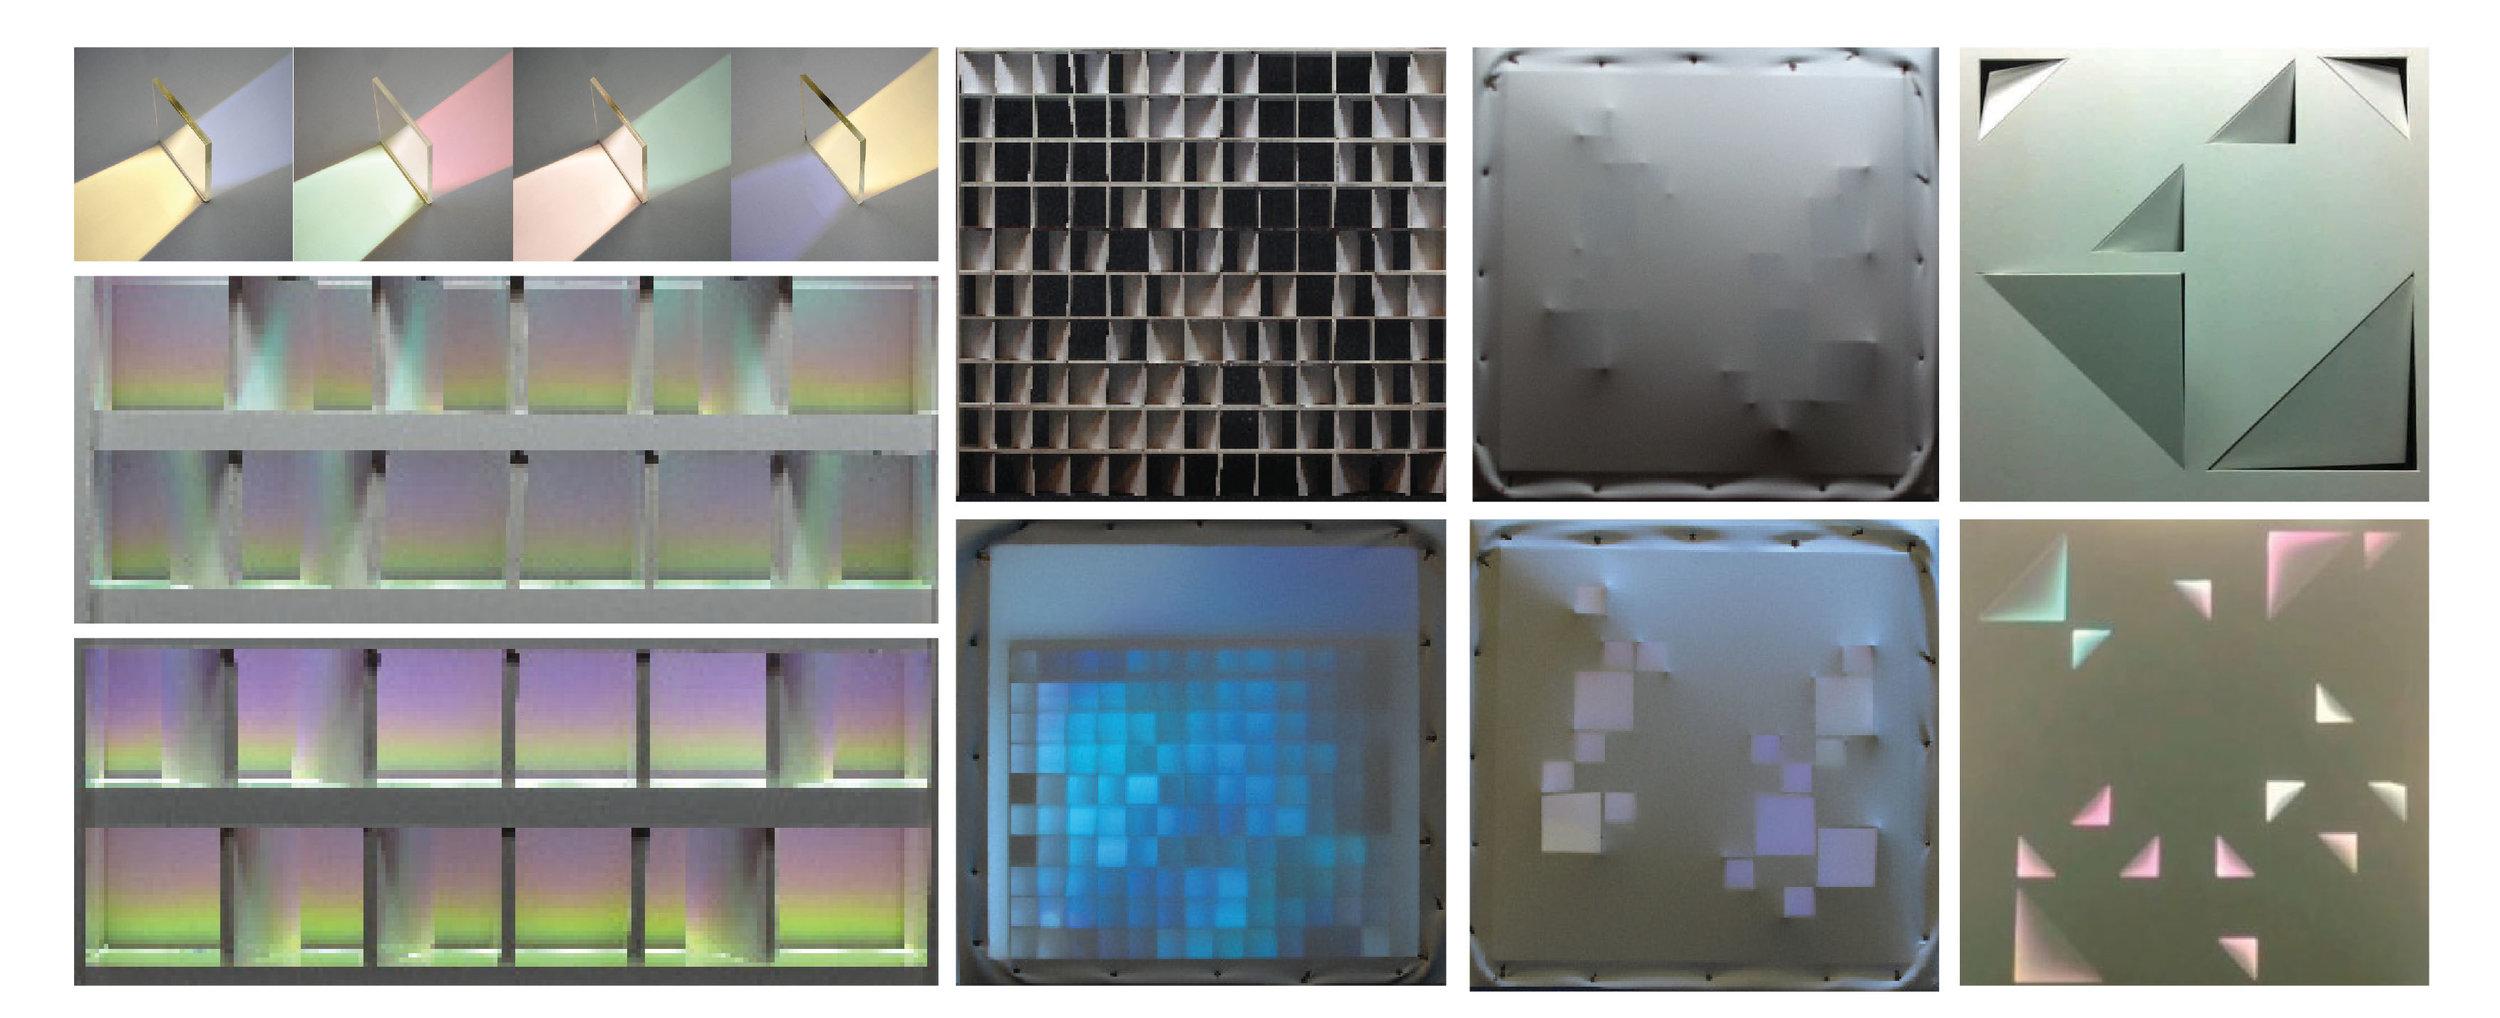 slides_images embed_rev2-02 copy.jpg